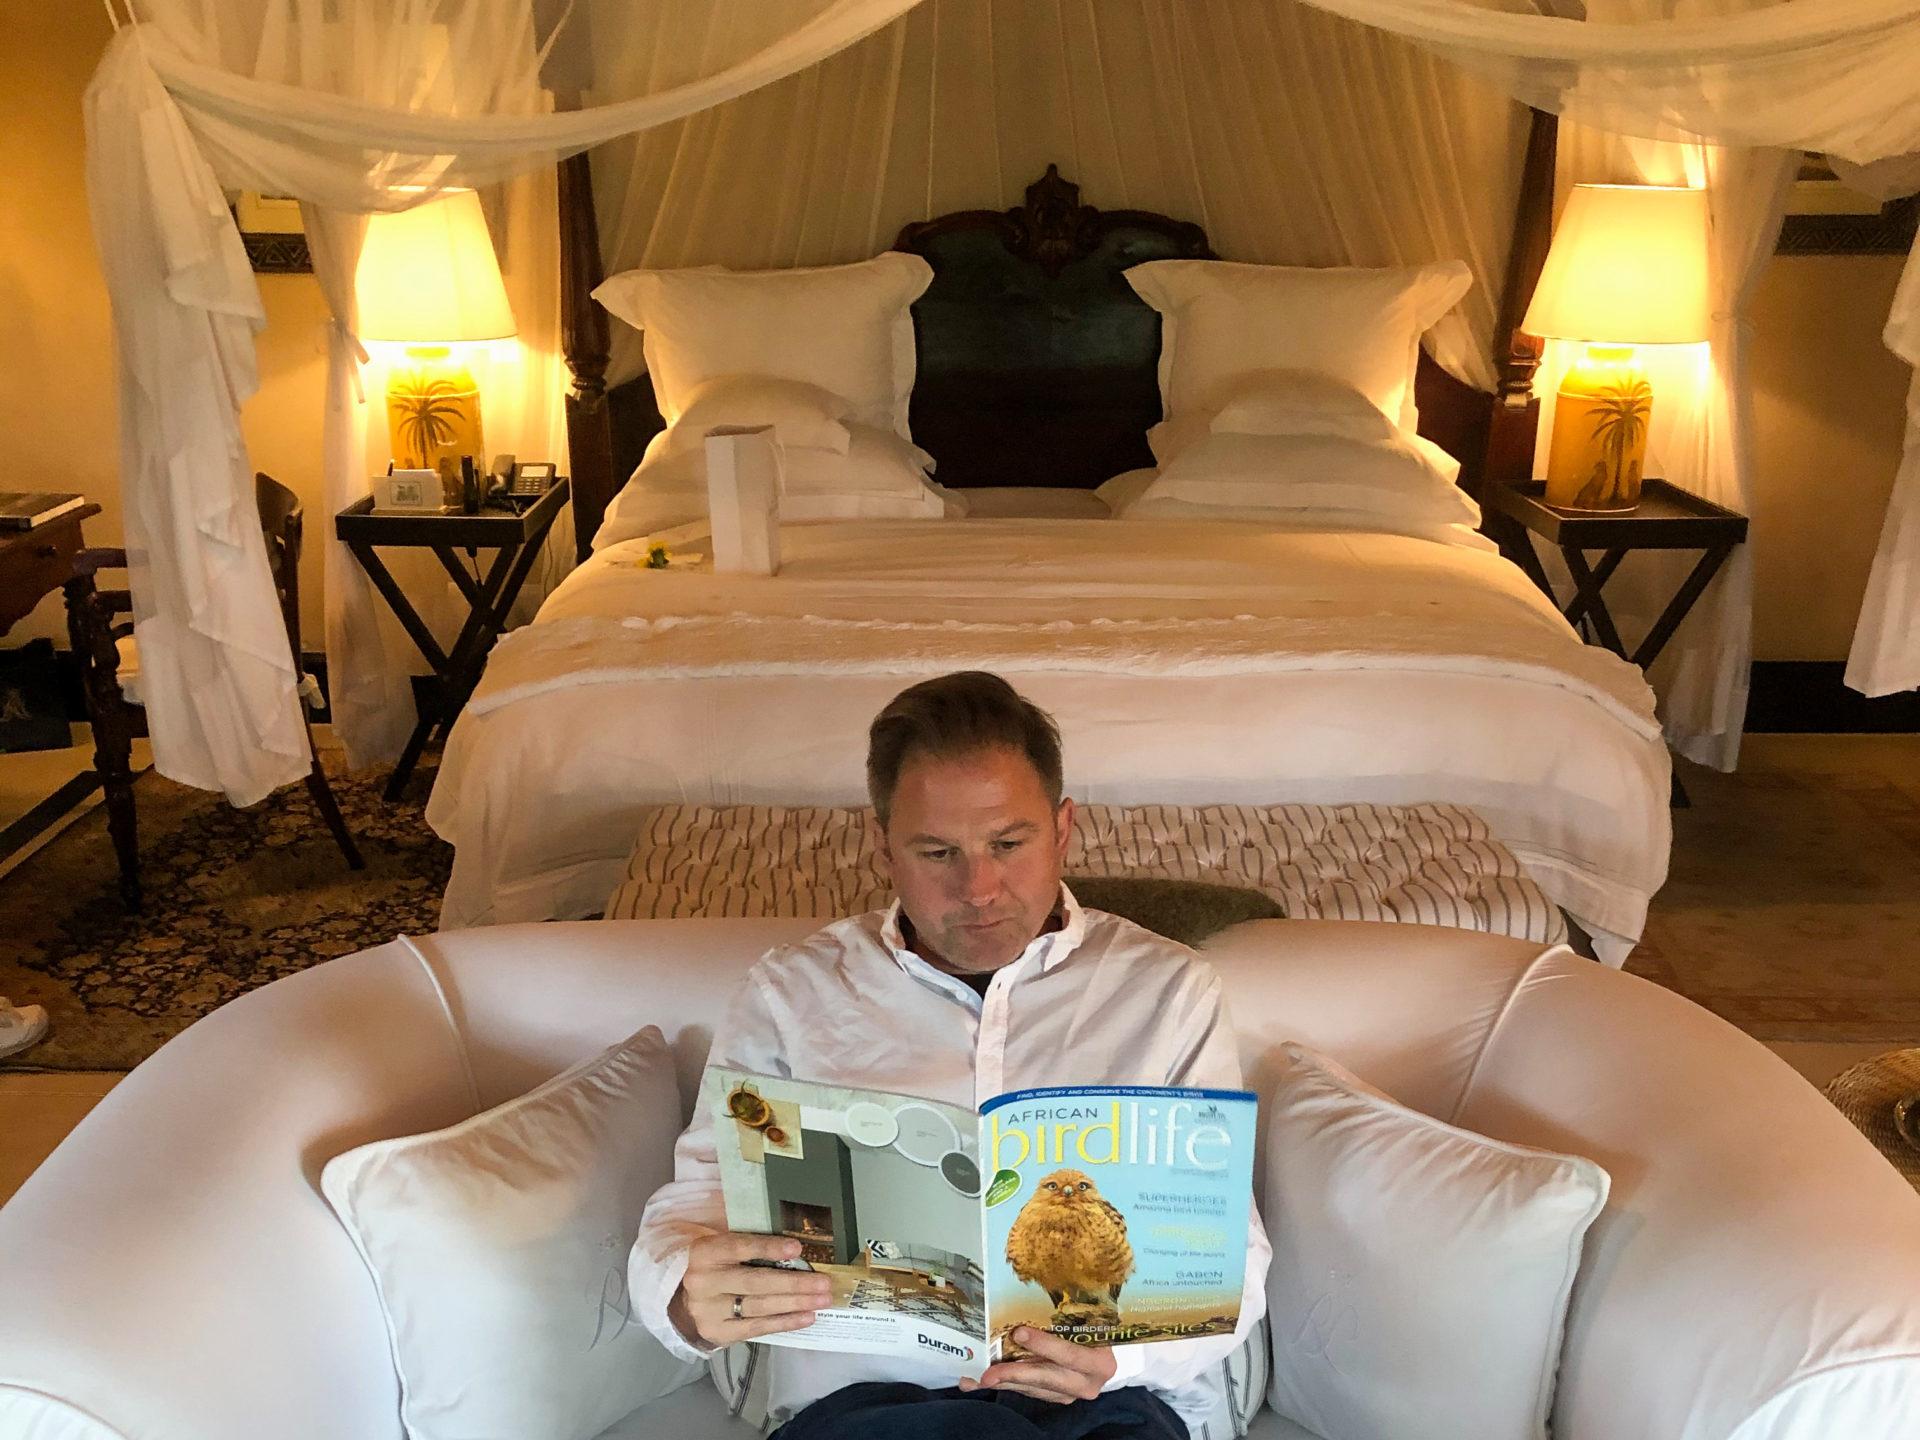 Autor vertieft in Magazin über afrikanische Vögel im Schlafzimmer des Royal Malewane.